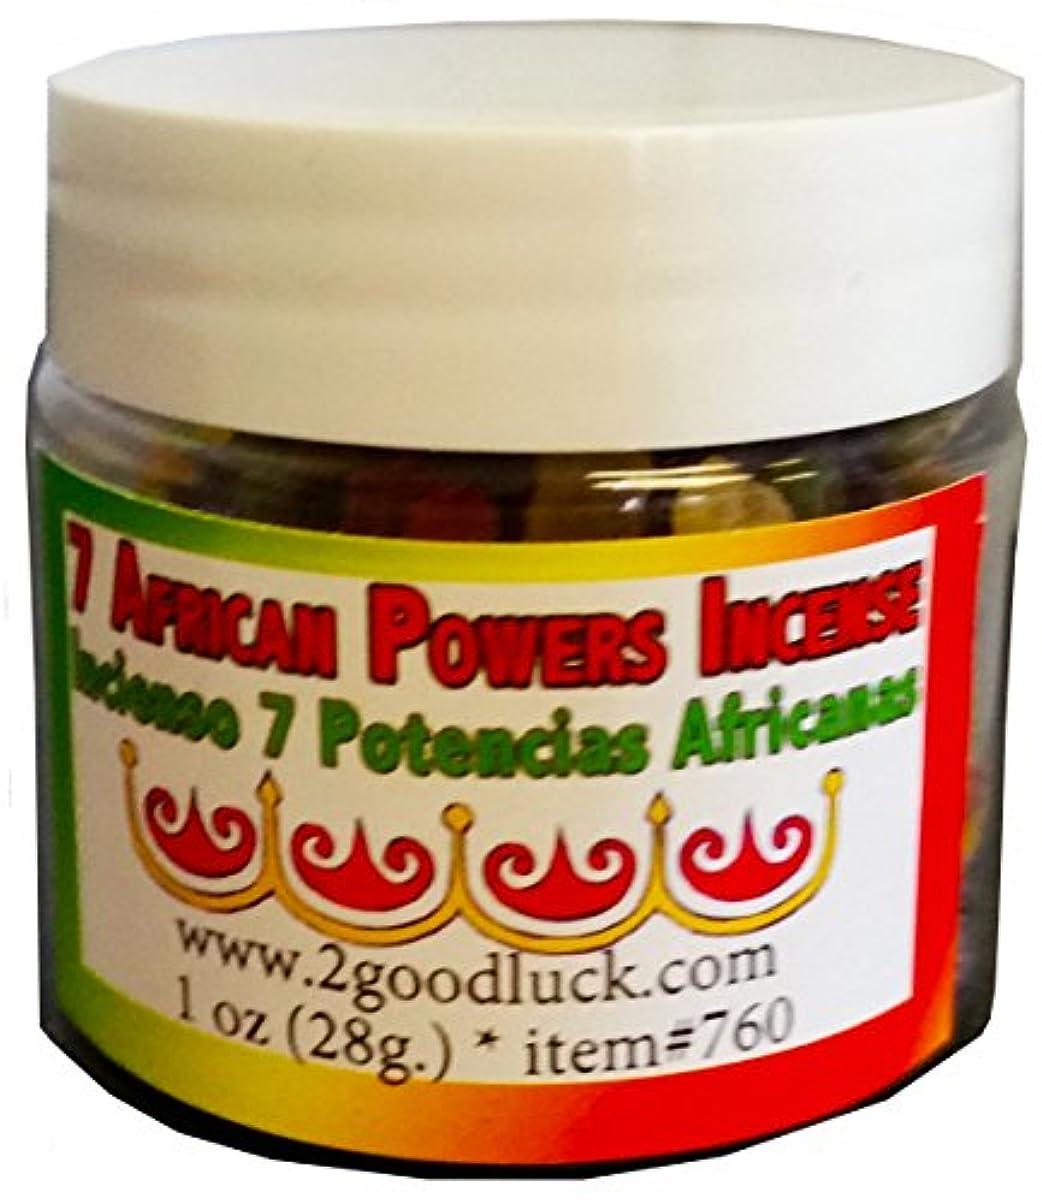 にもかかわらずコショウモナリザ 7 African Powers